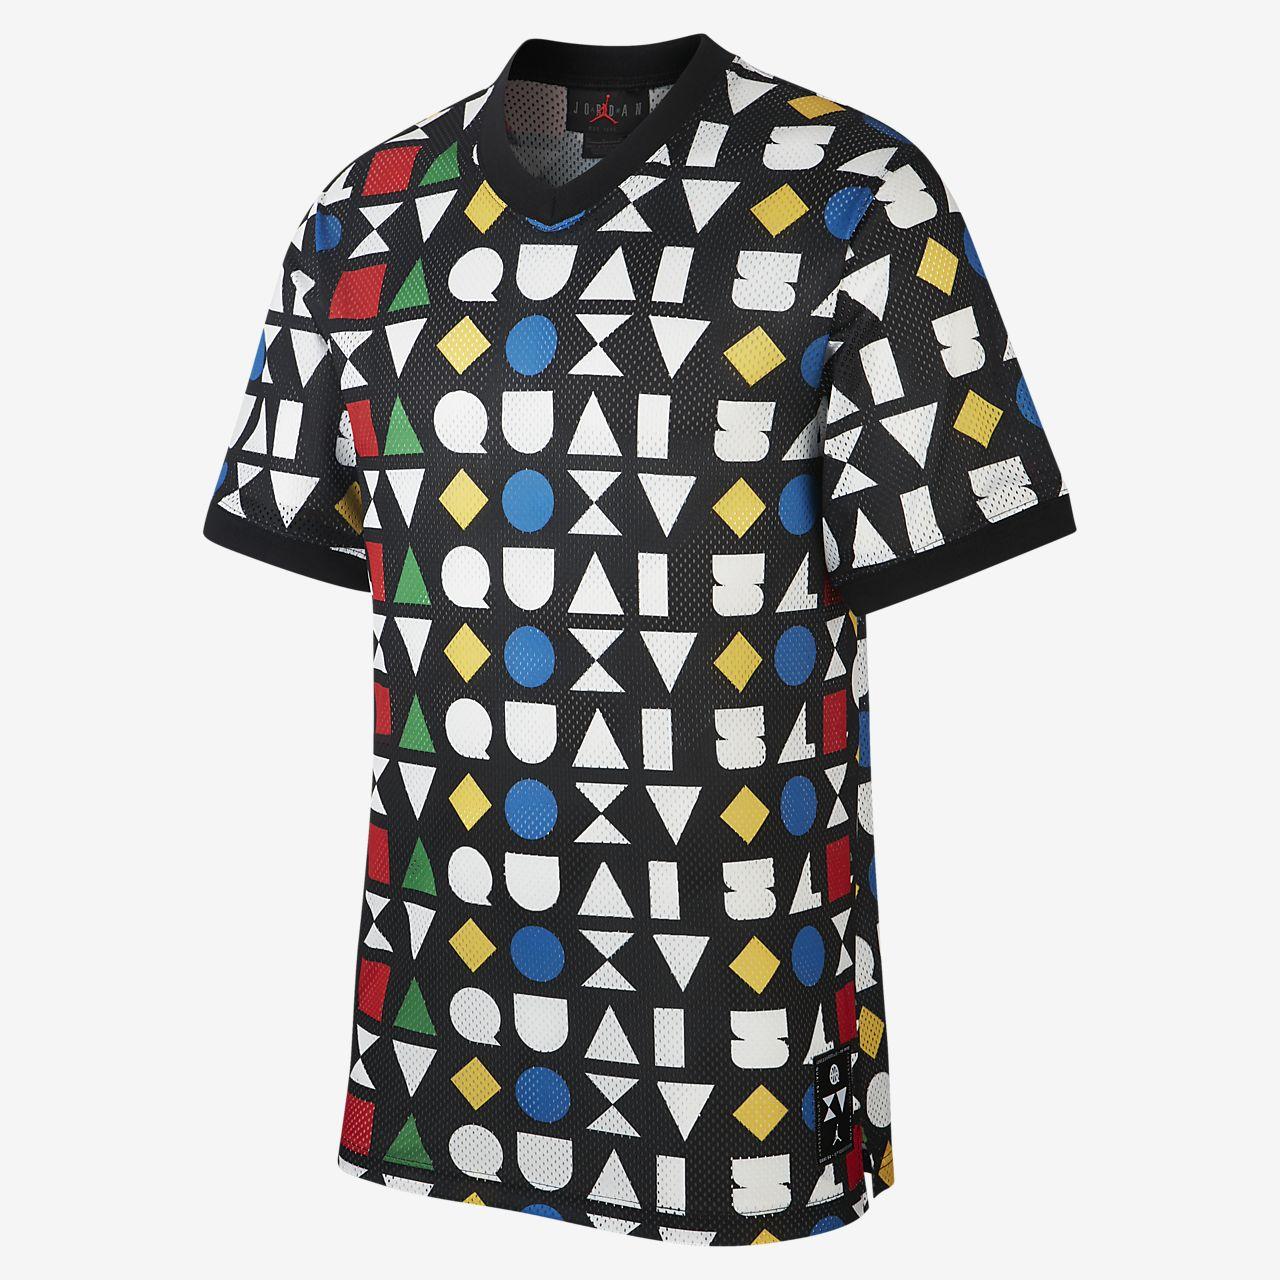 Jordan Quai54-trøje til mænd